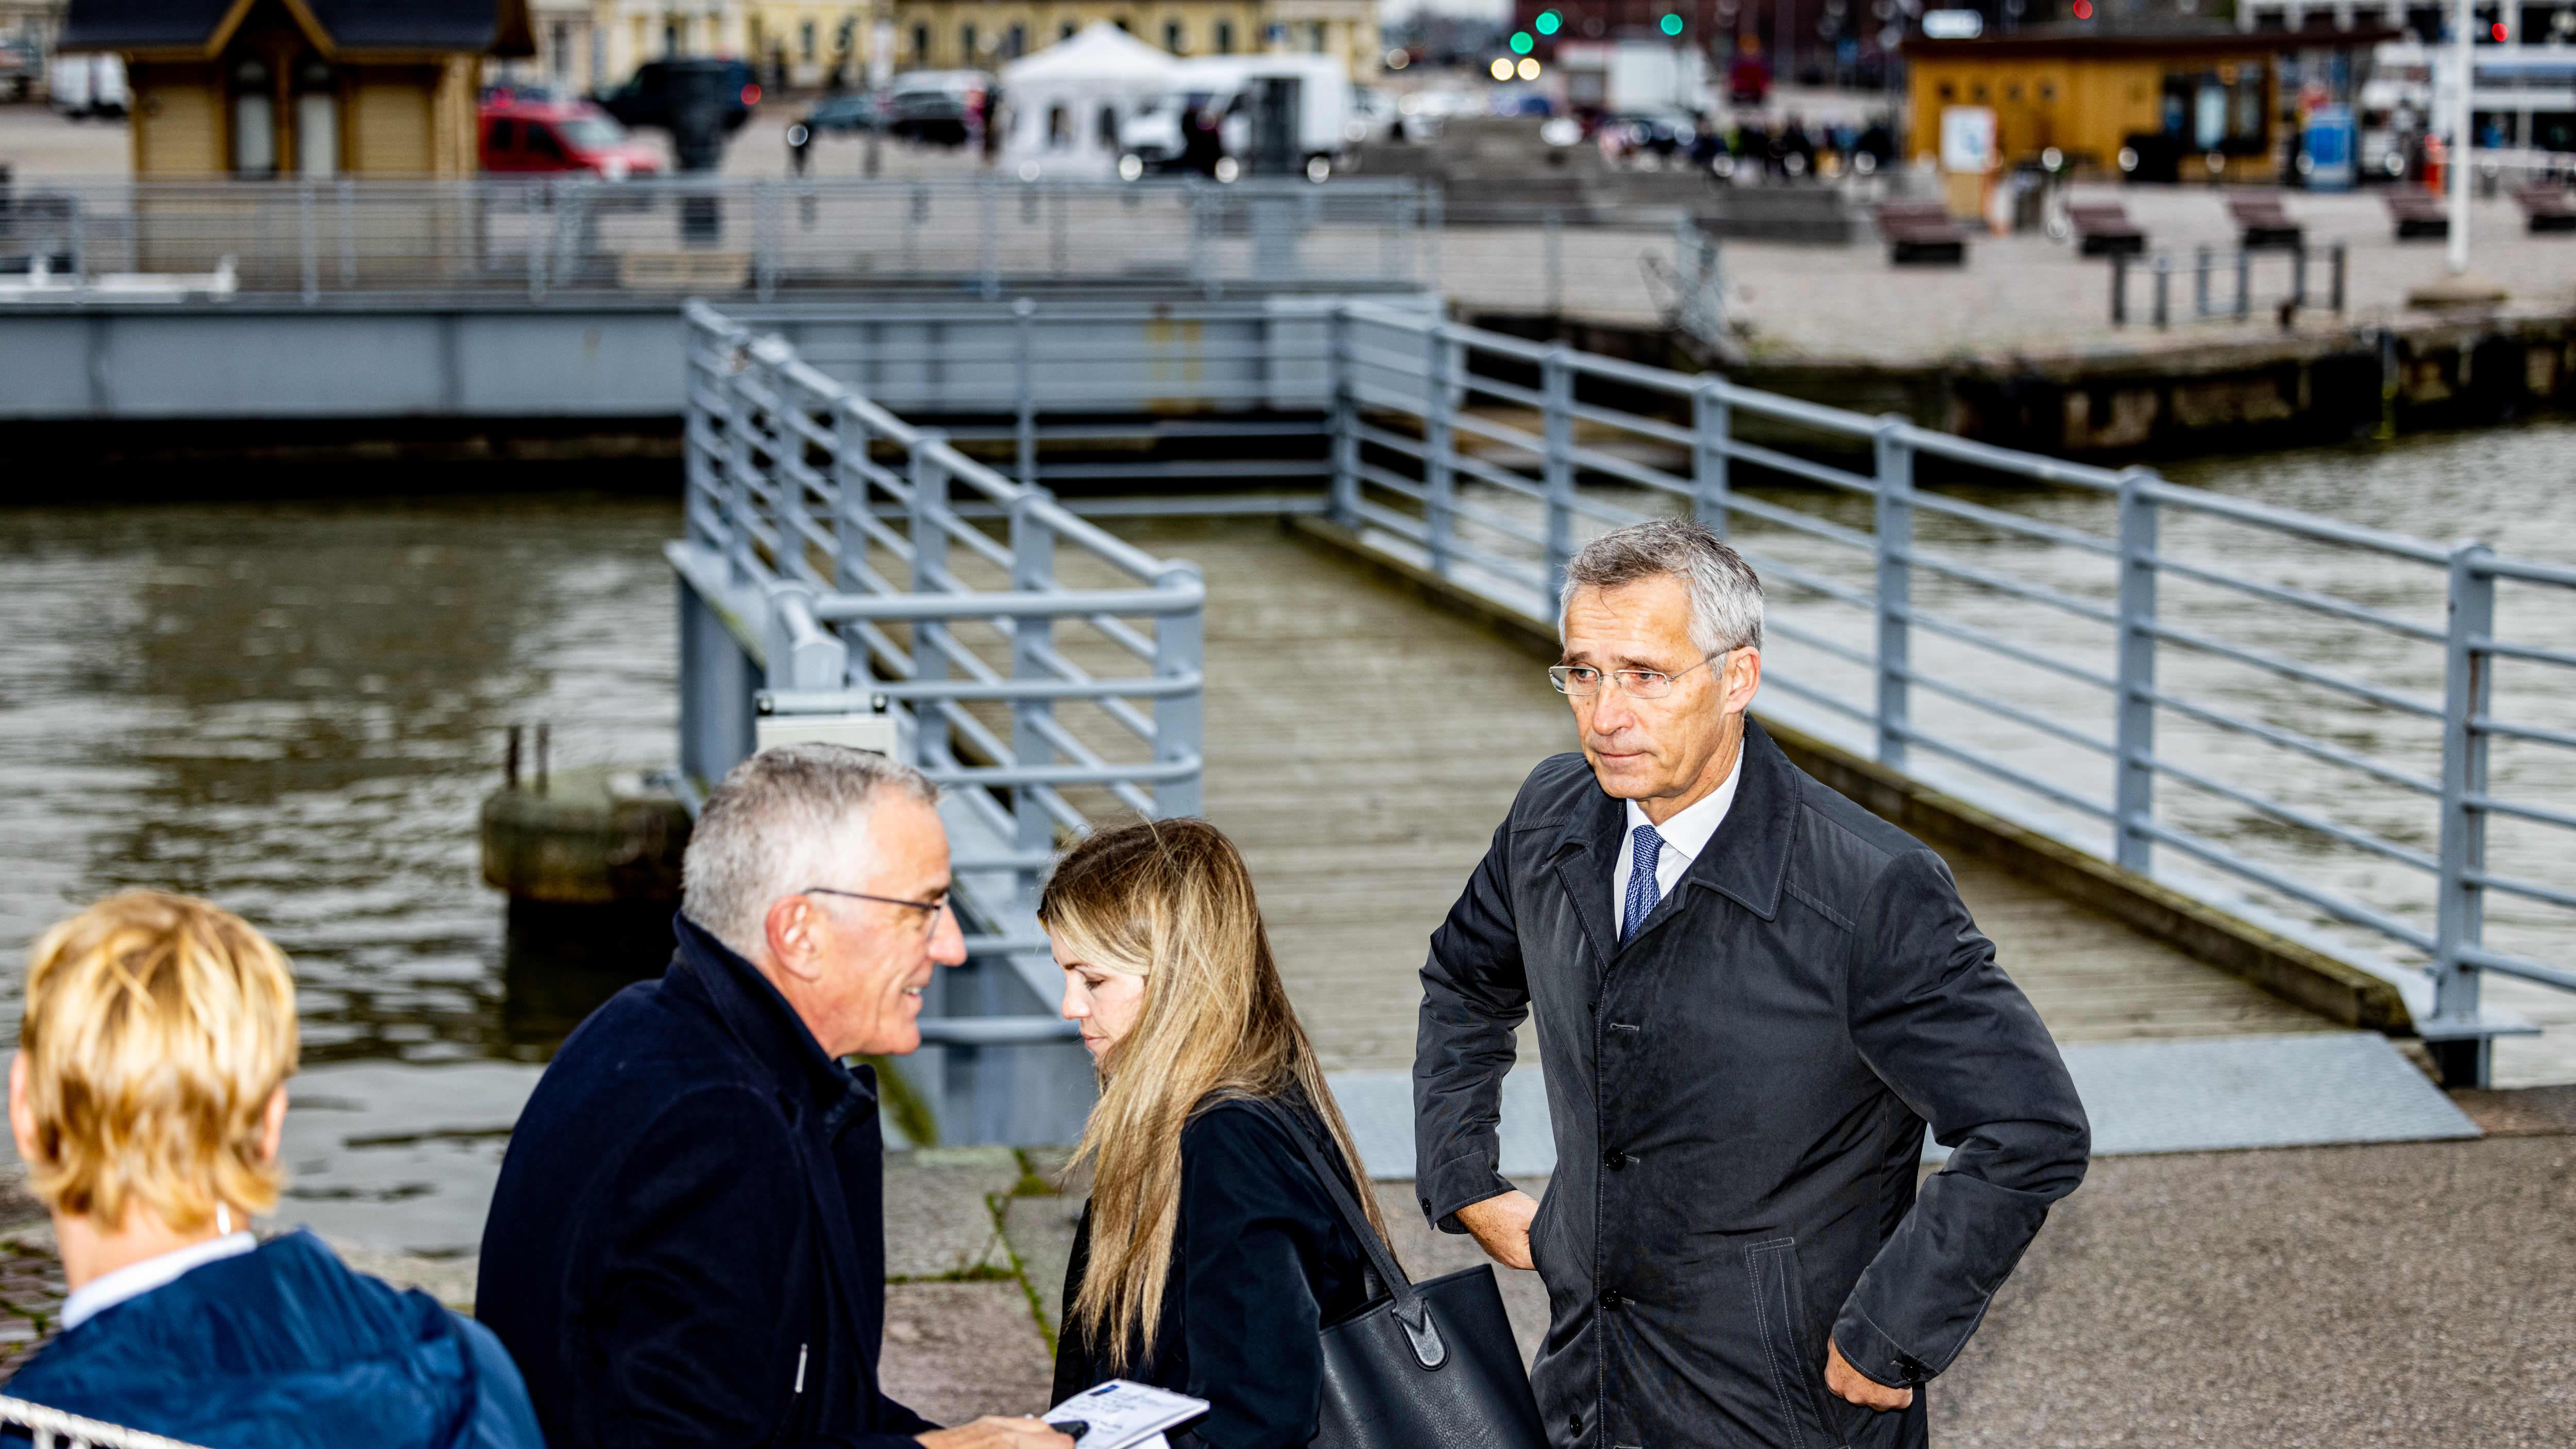 Naton pääsihteeri Jens Stoltenberg Ylen haastattelussa: Jännitteet tässä osassa Eurooppaa kasvavat